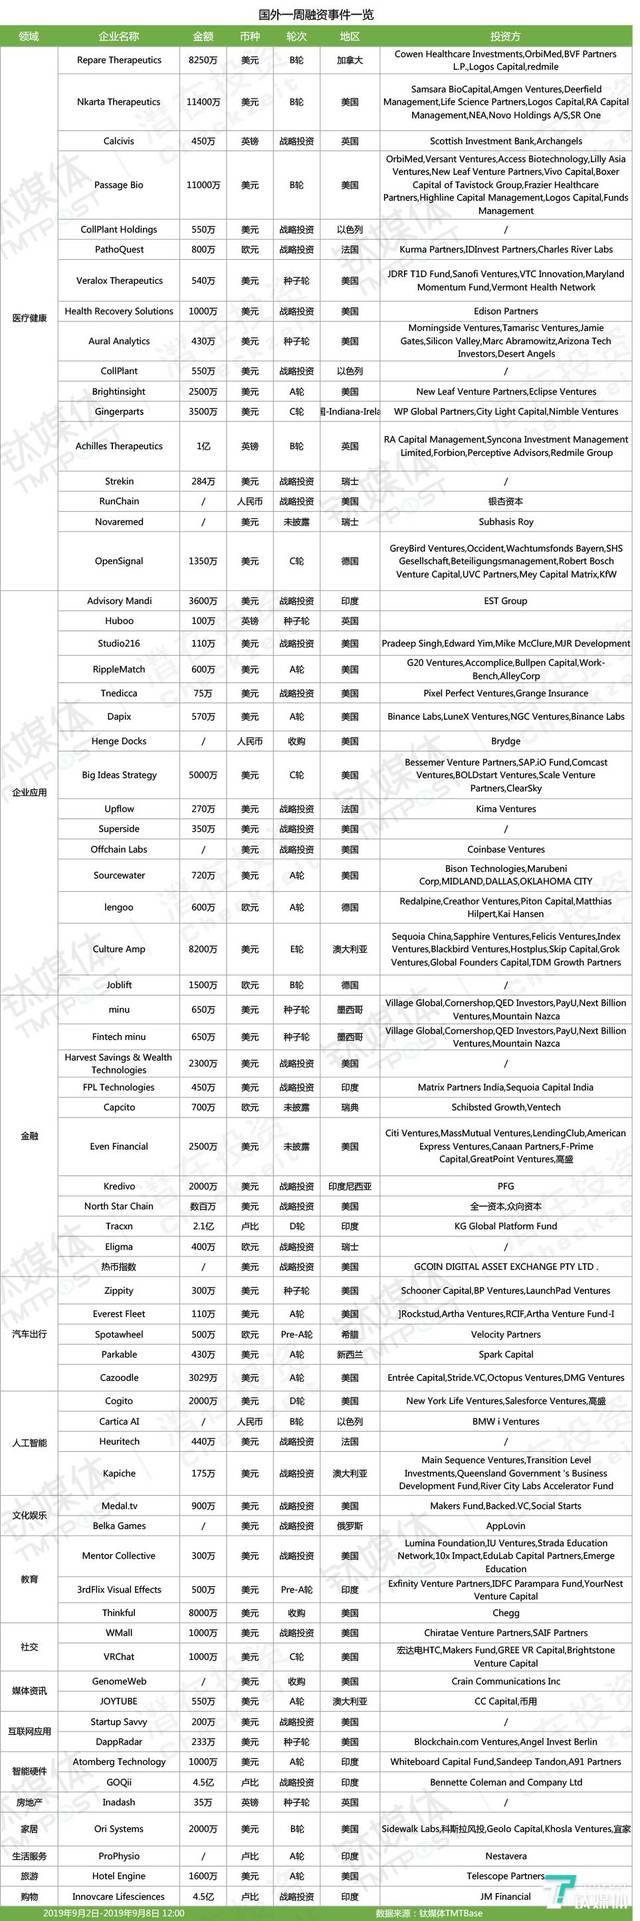 苏州高新:融资净买入92.31万元,融资余额9595.93万元(09-17)